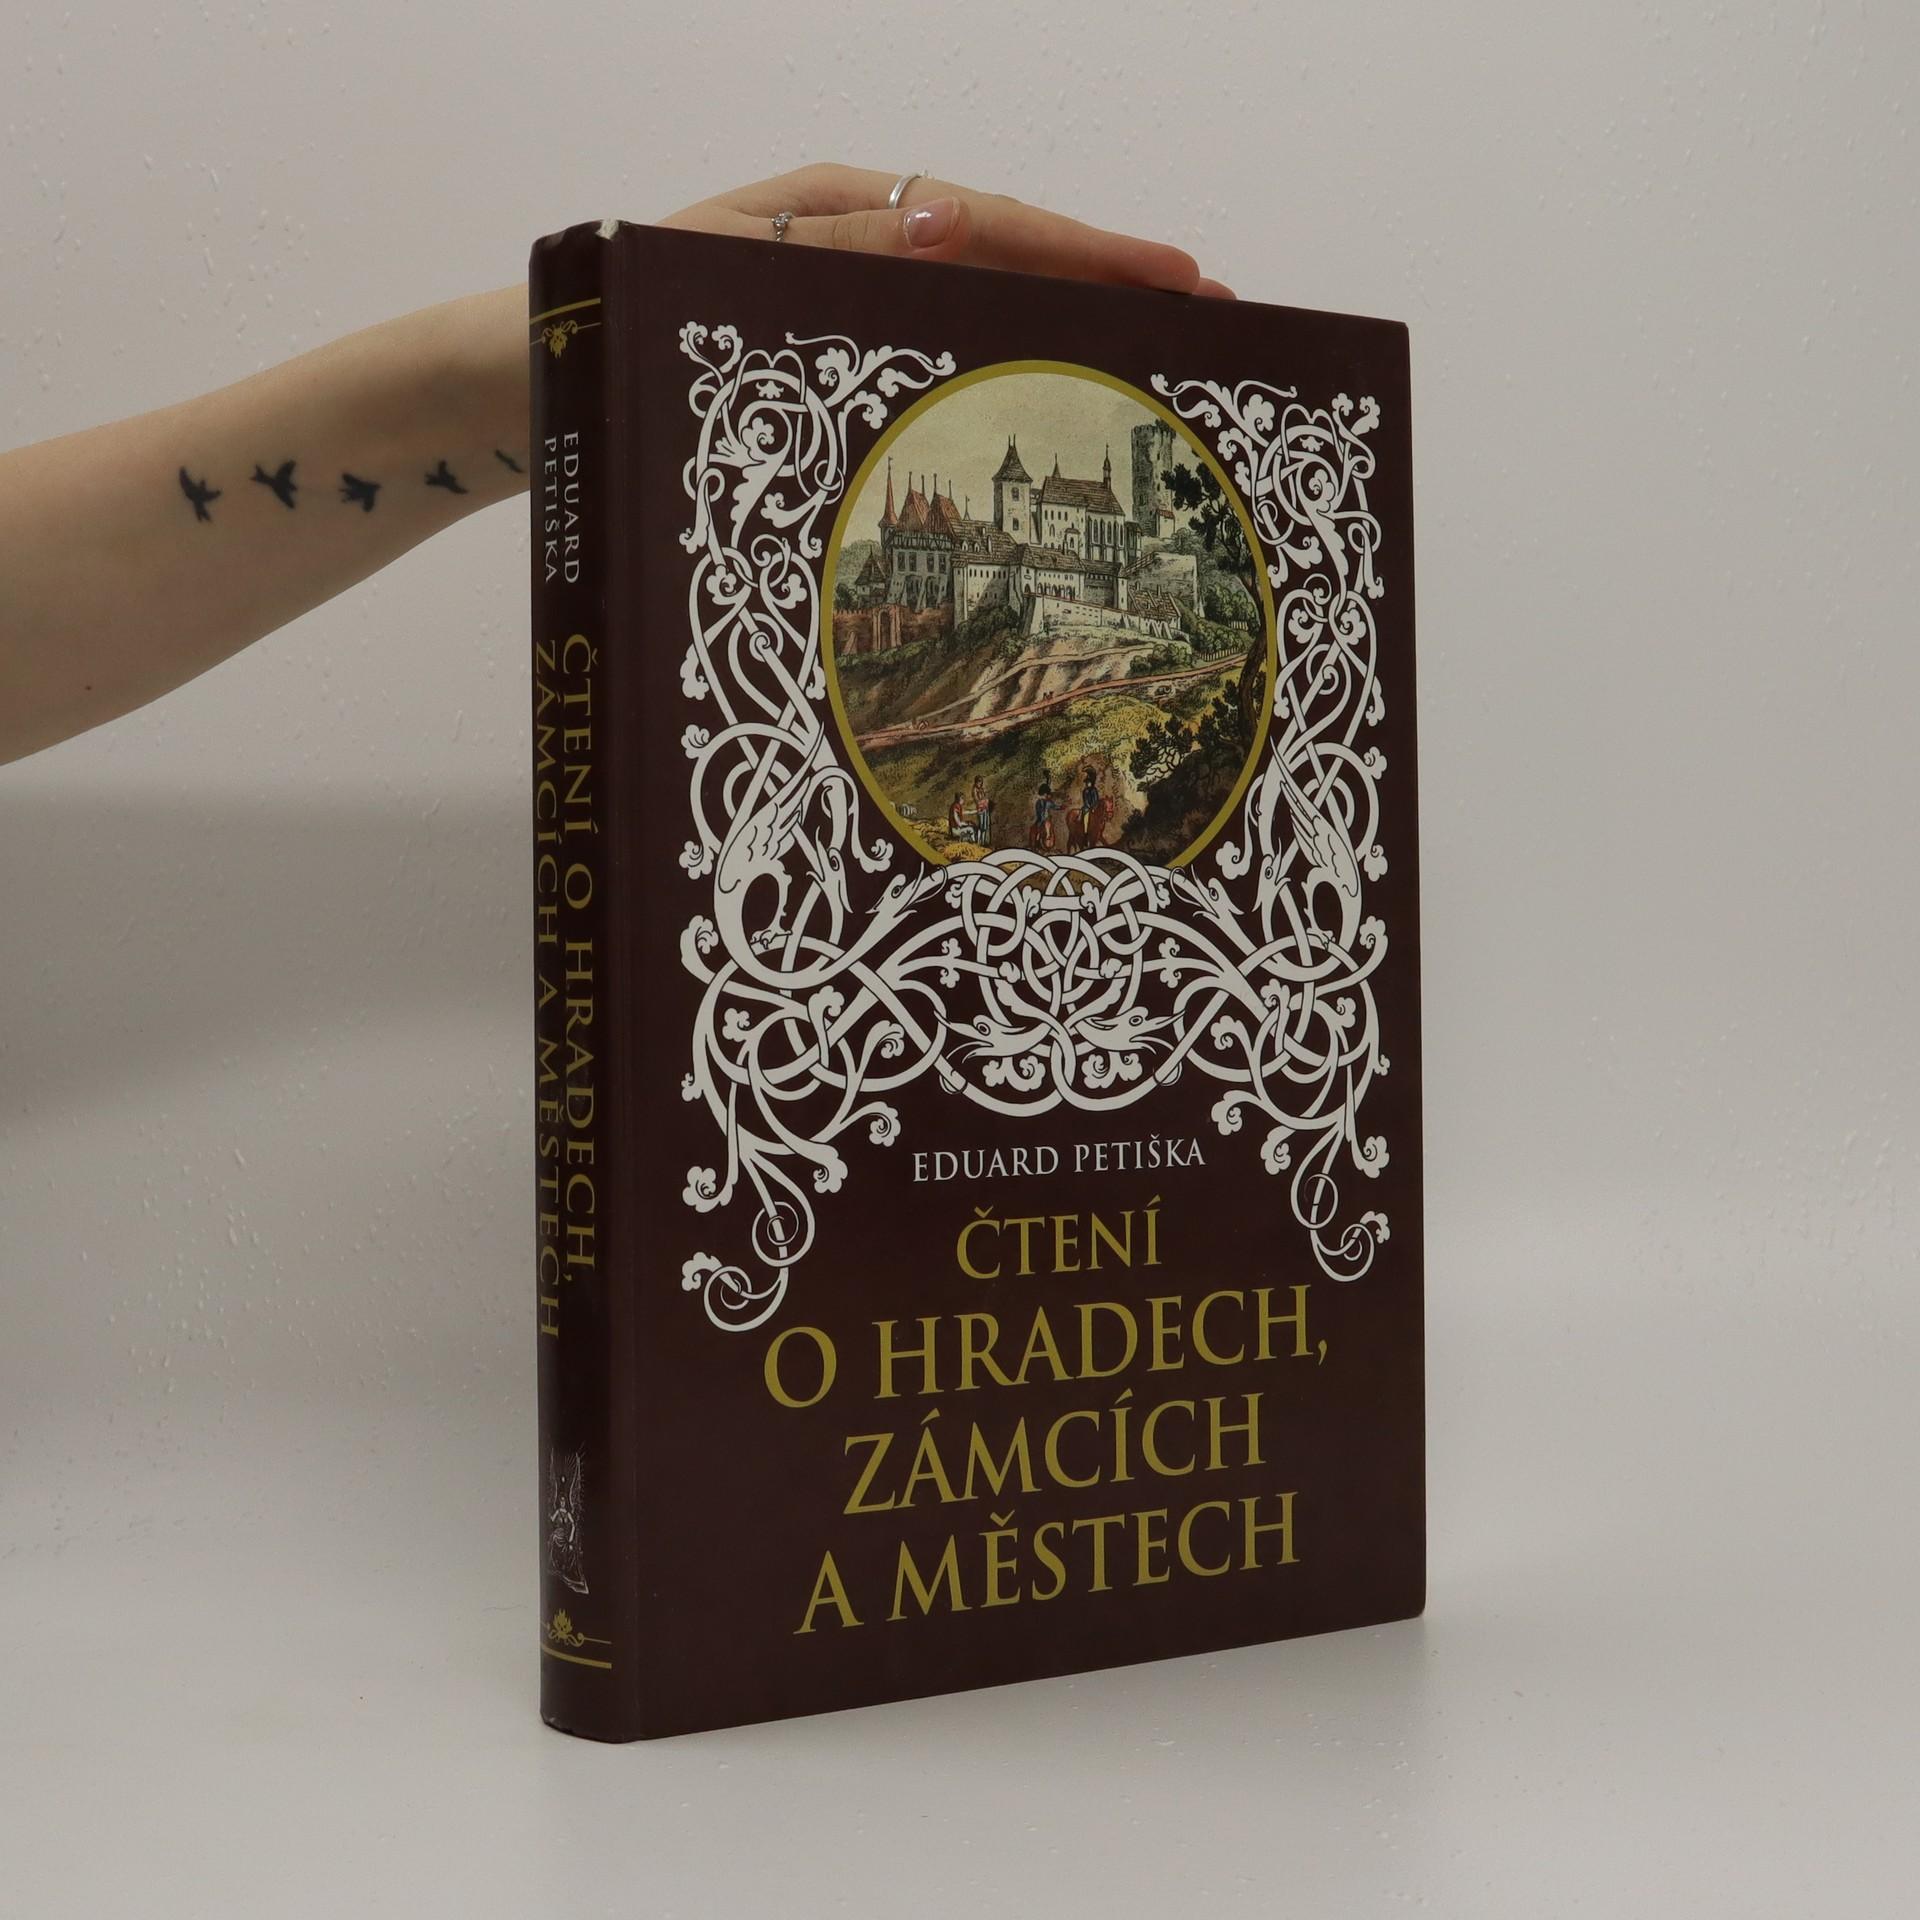 antikvární kniha Čtení o hradech, zámcích a městech, 2007